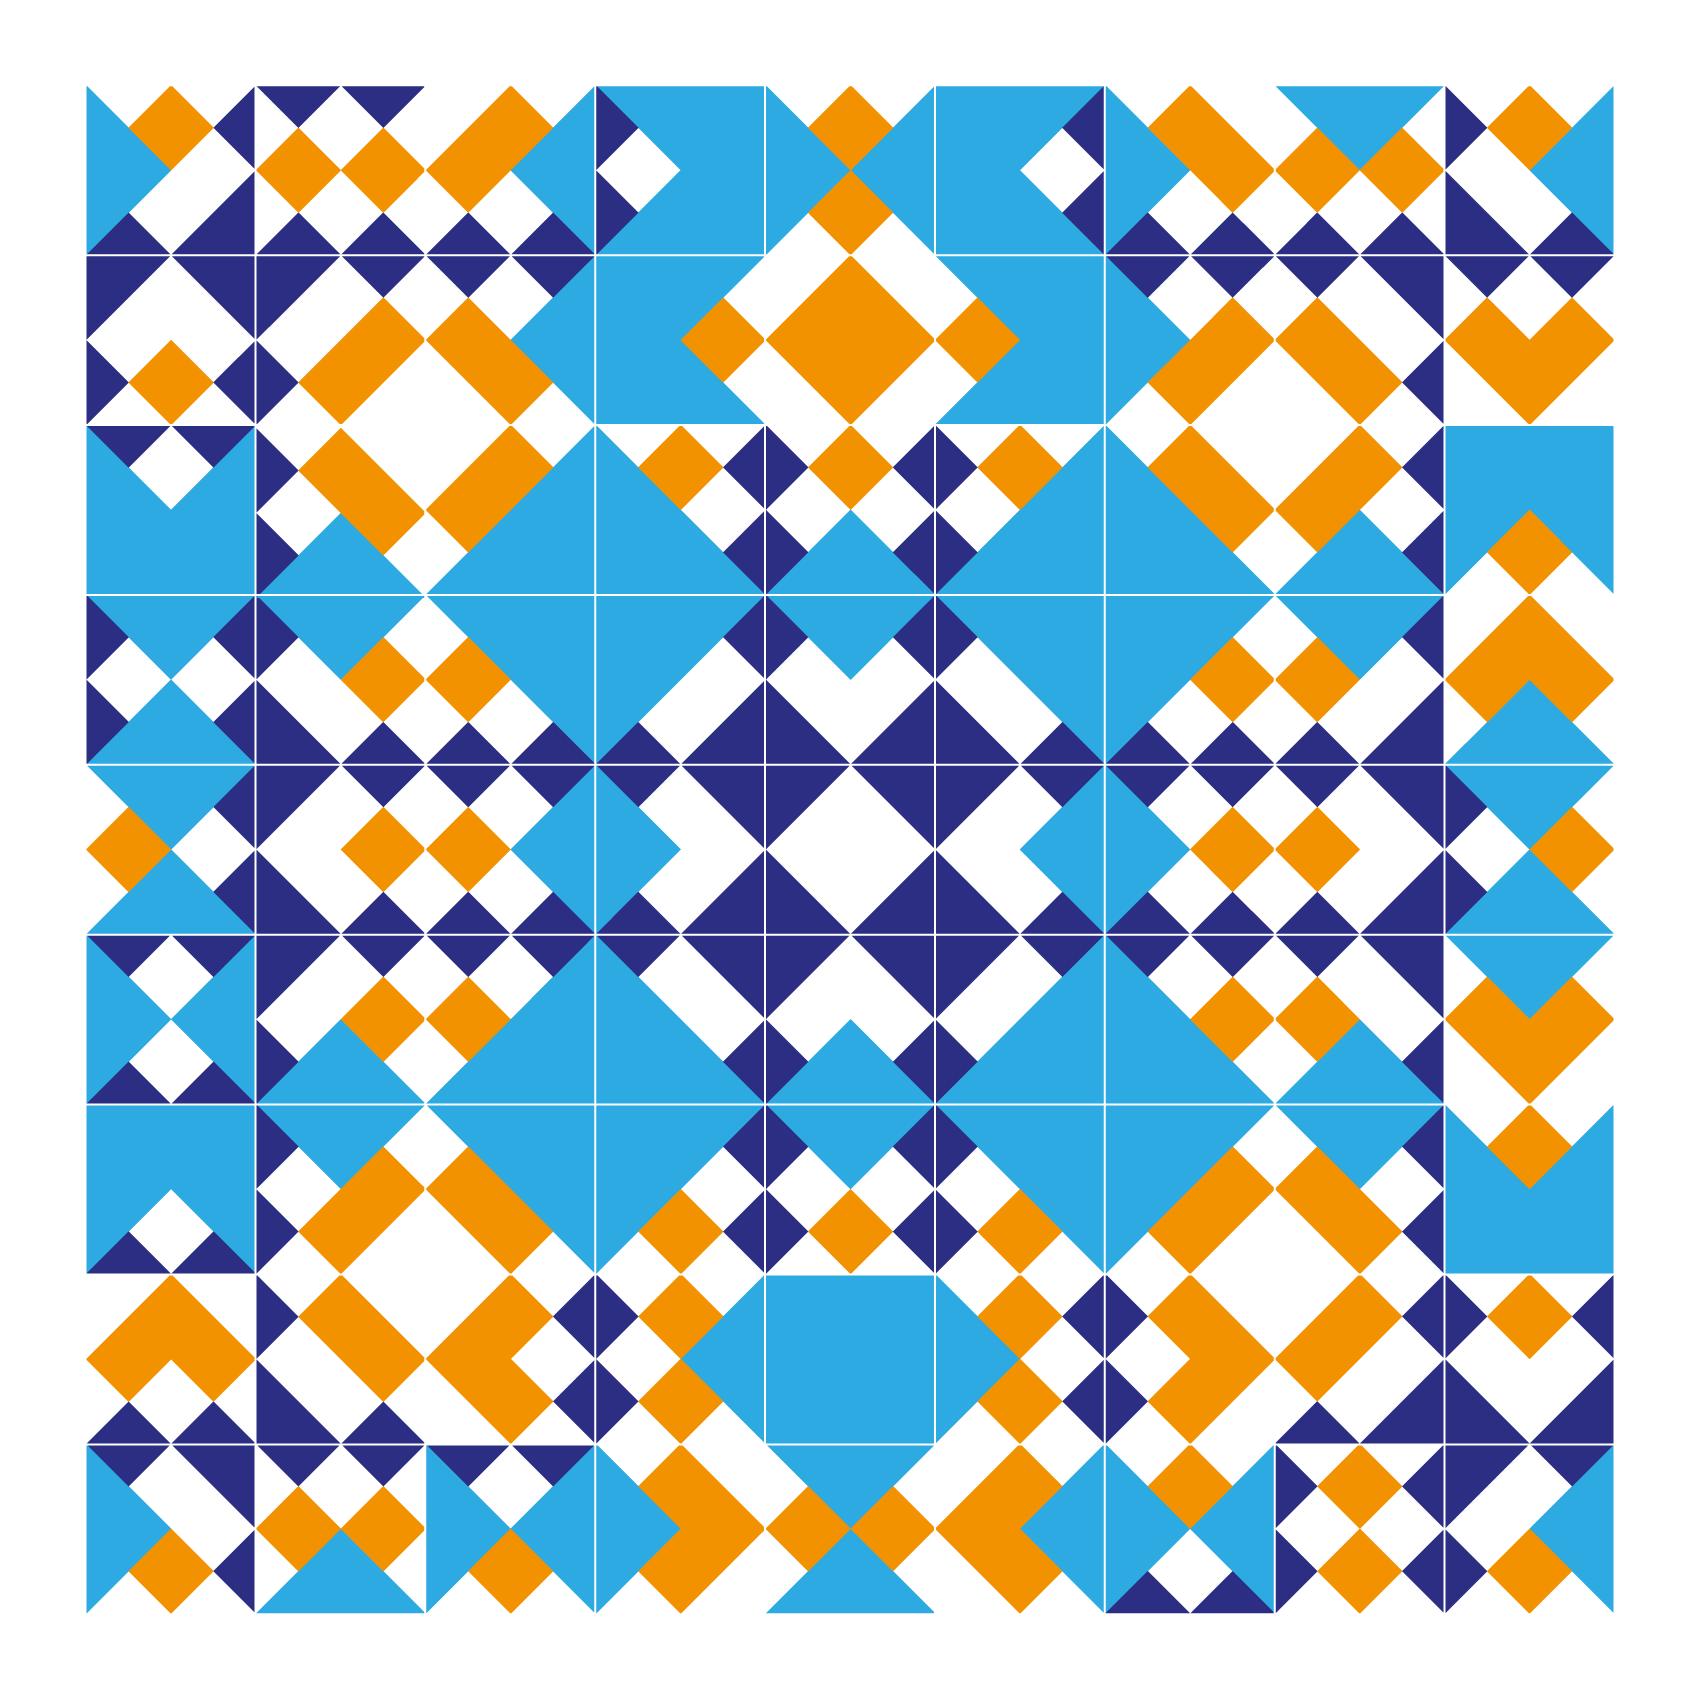 Stampe_Neometrie_Tiziano_2017_Diagonal 2